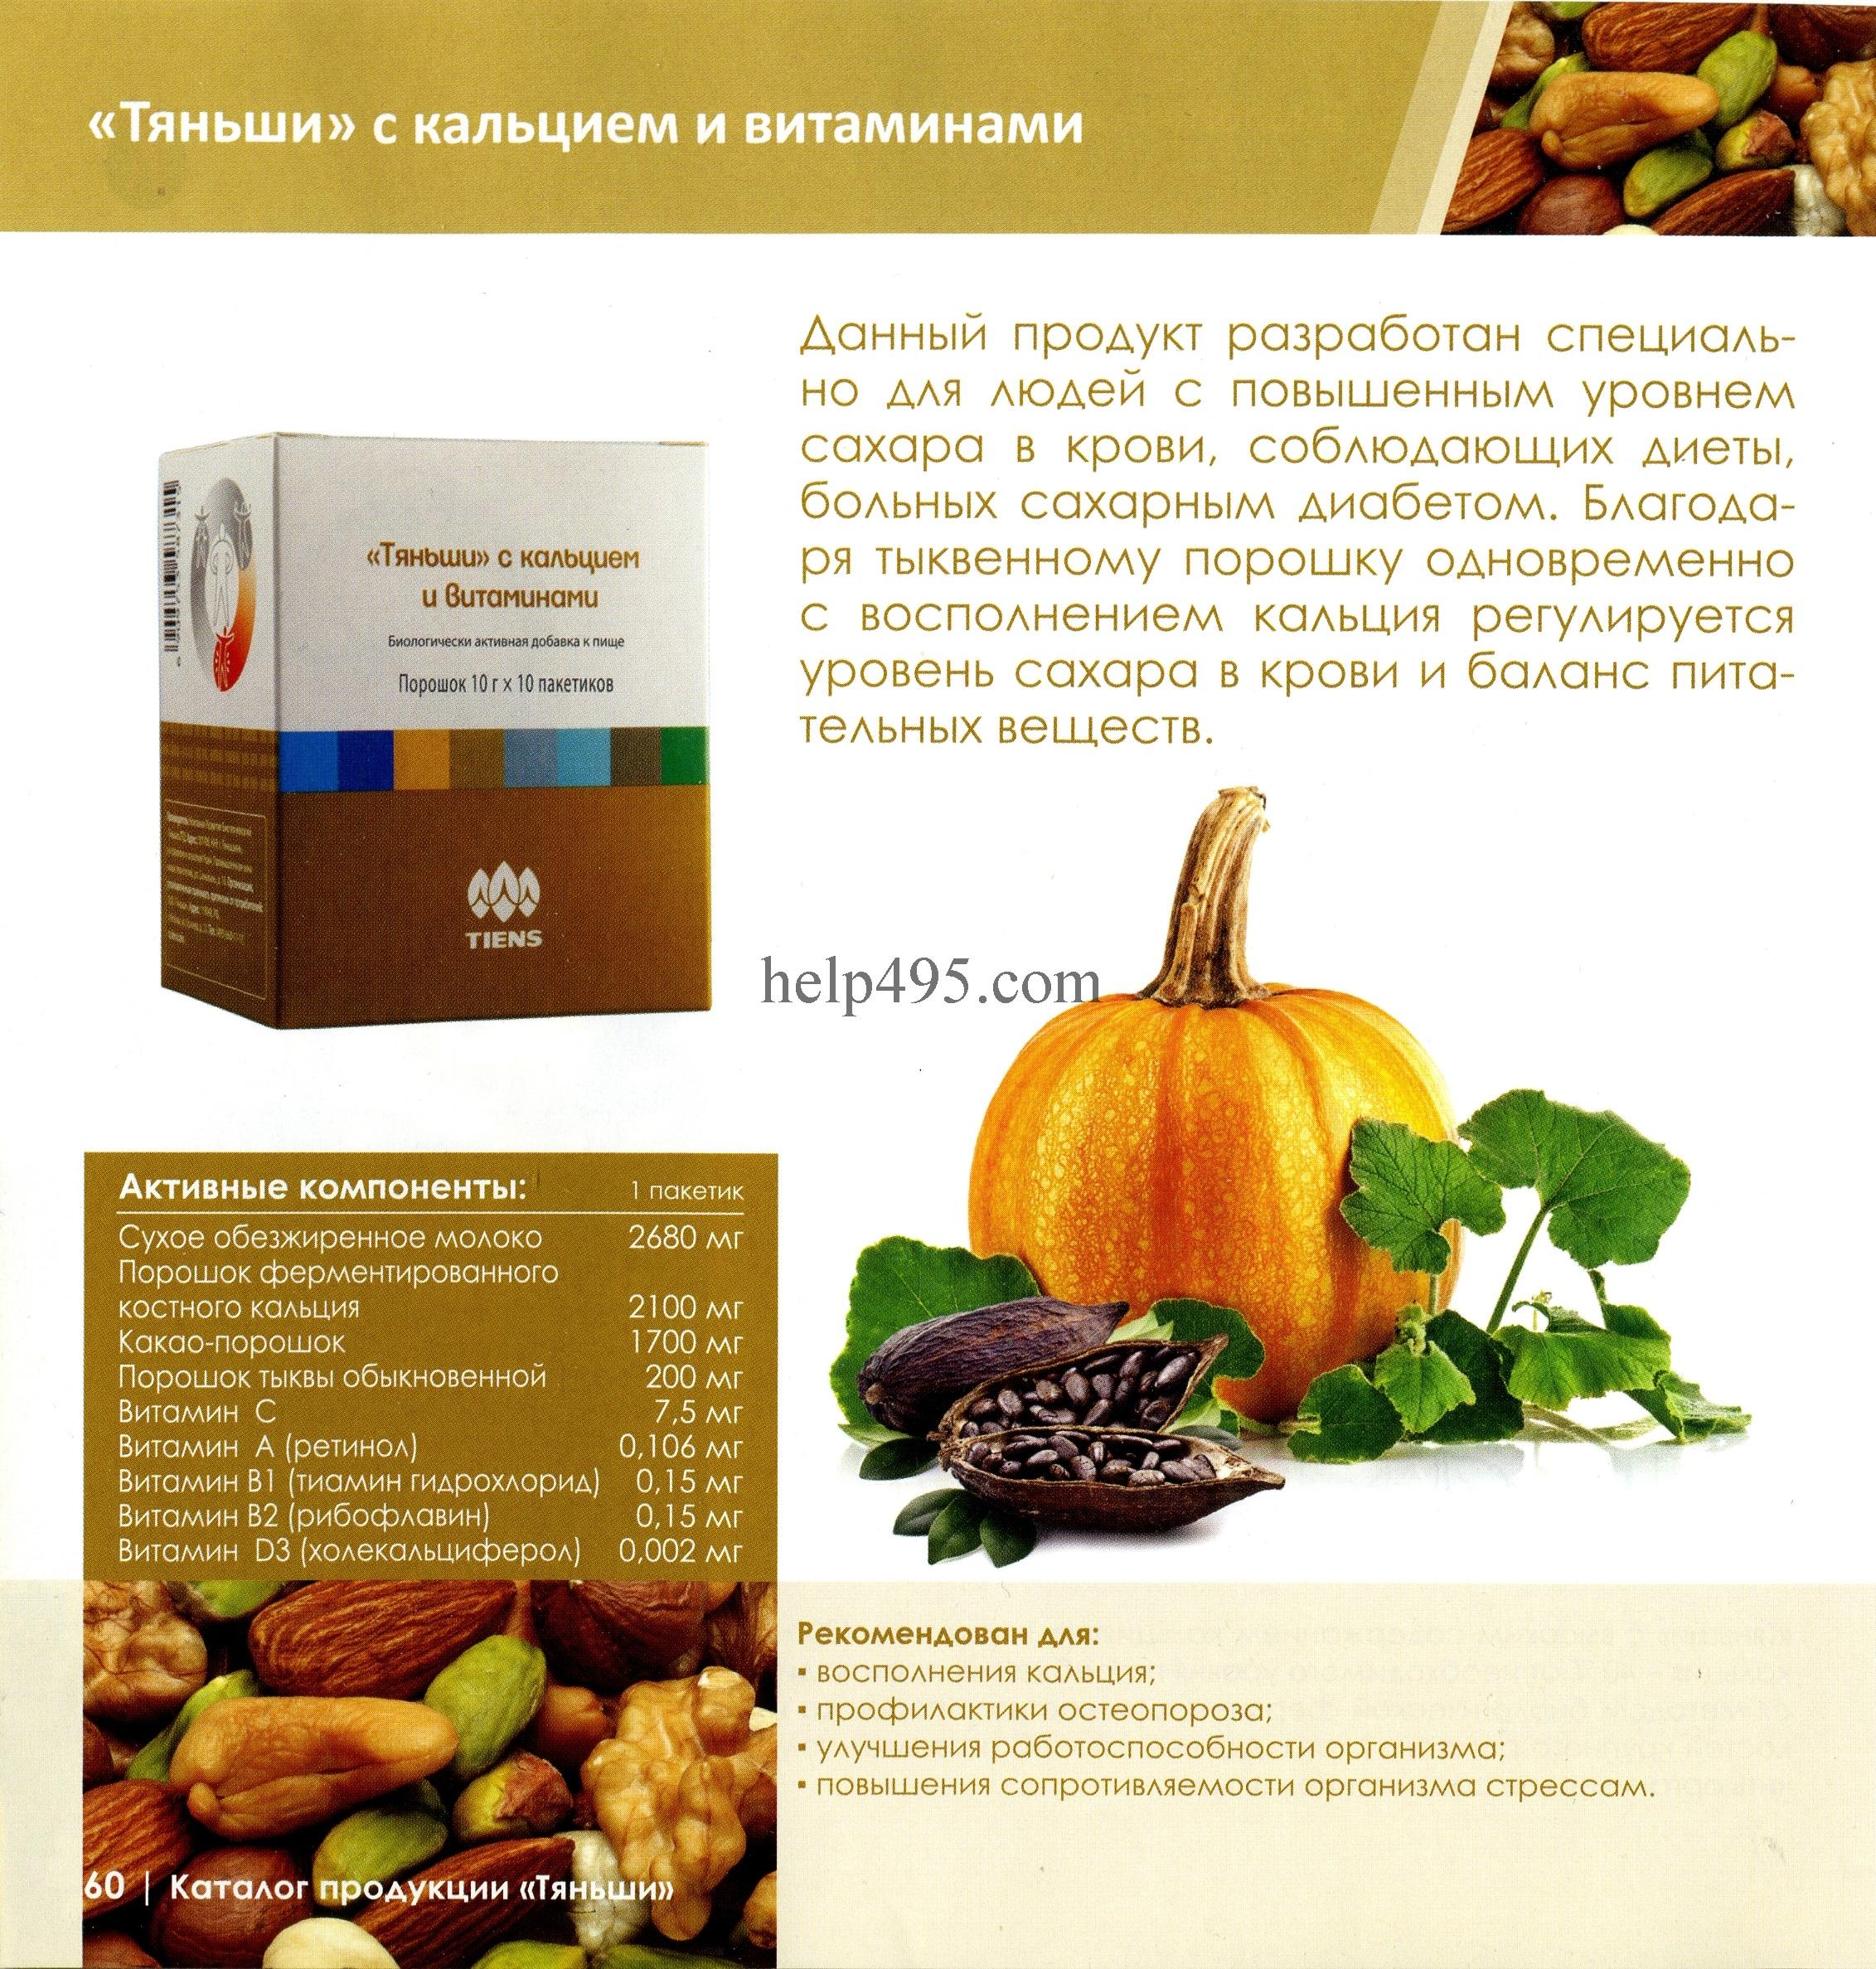 Состав Тяньши с кальцием и витаминами